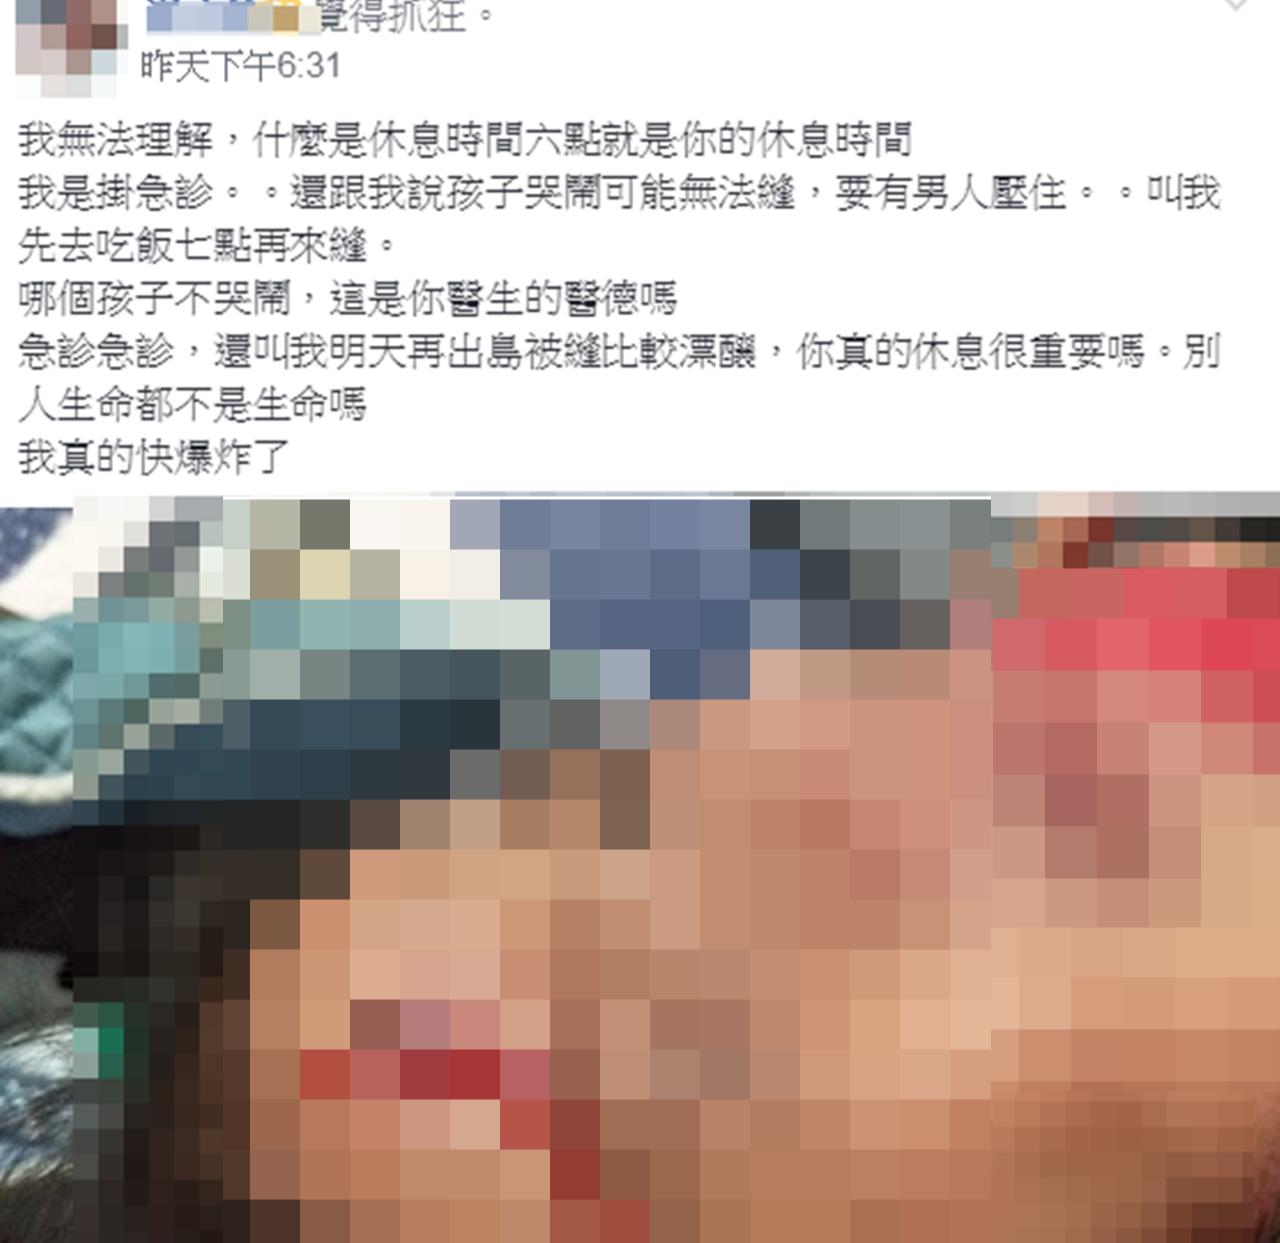 30日晚上有位媽媽在「就是愛綠島」PO文,指女兒在家中意外撞傷額頭,鮮血直流,她...